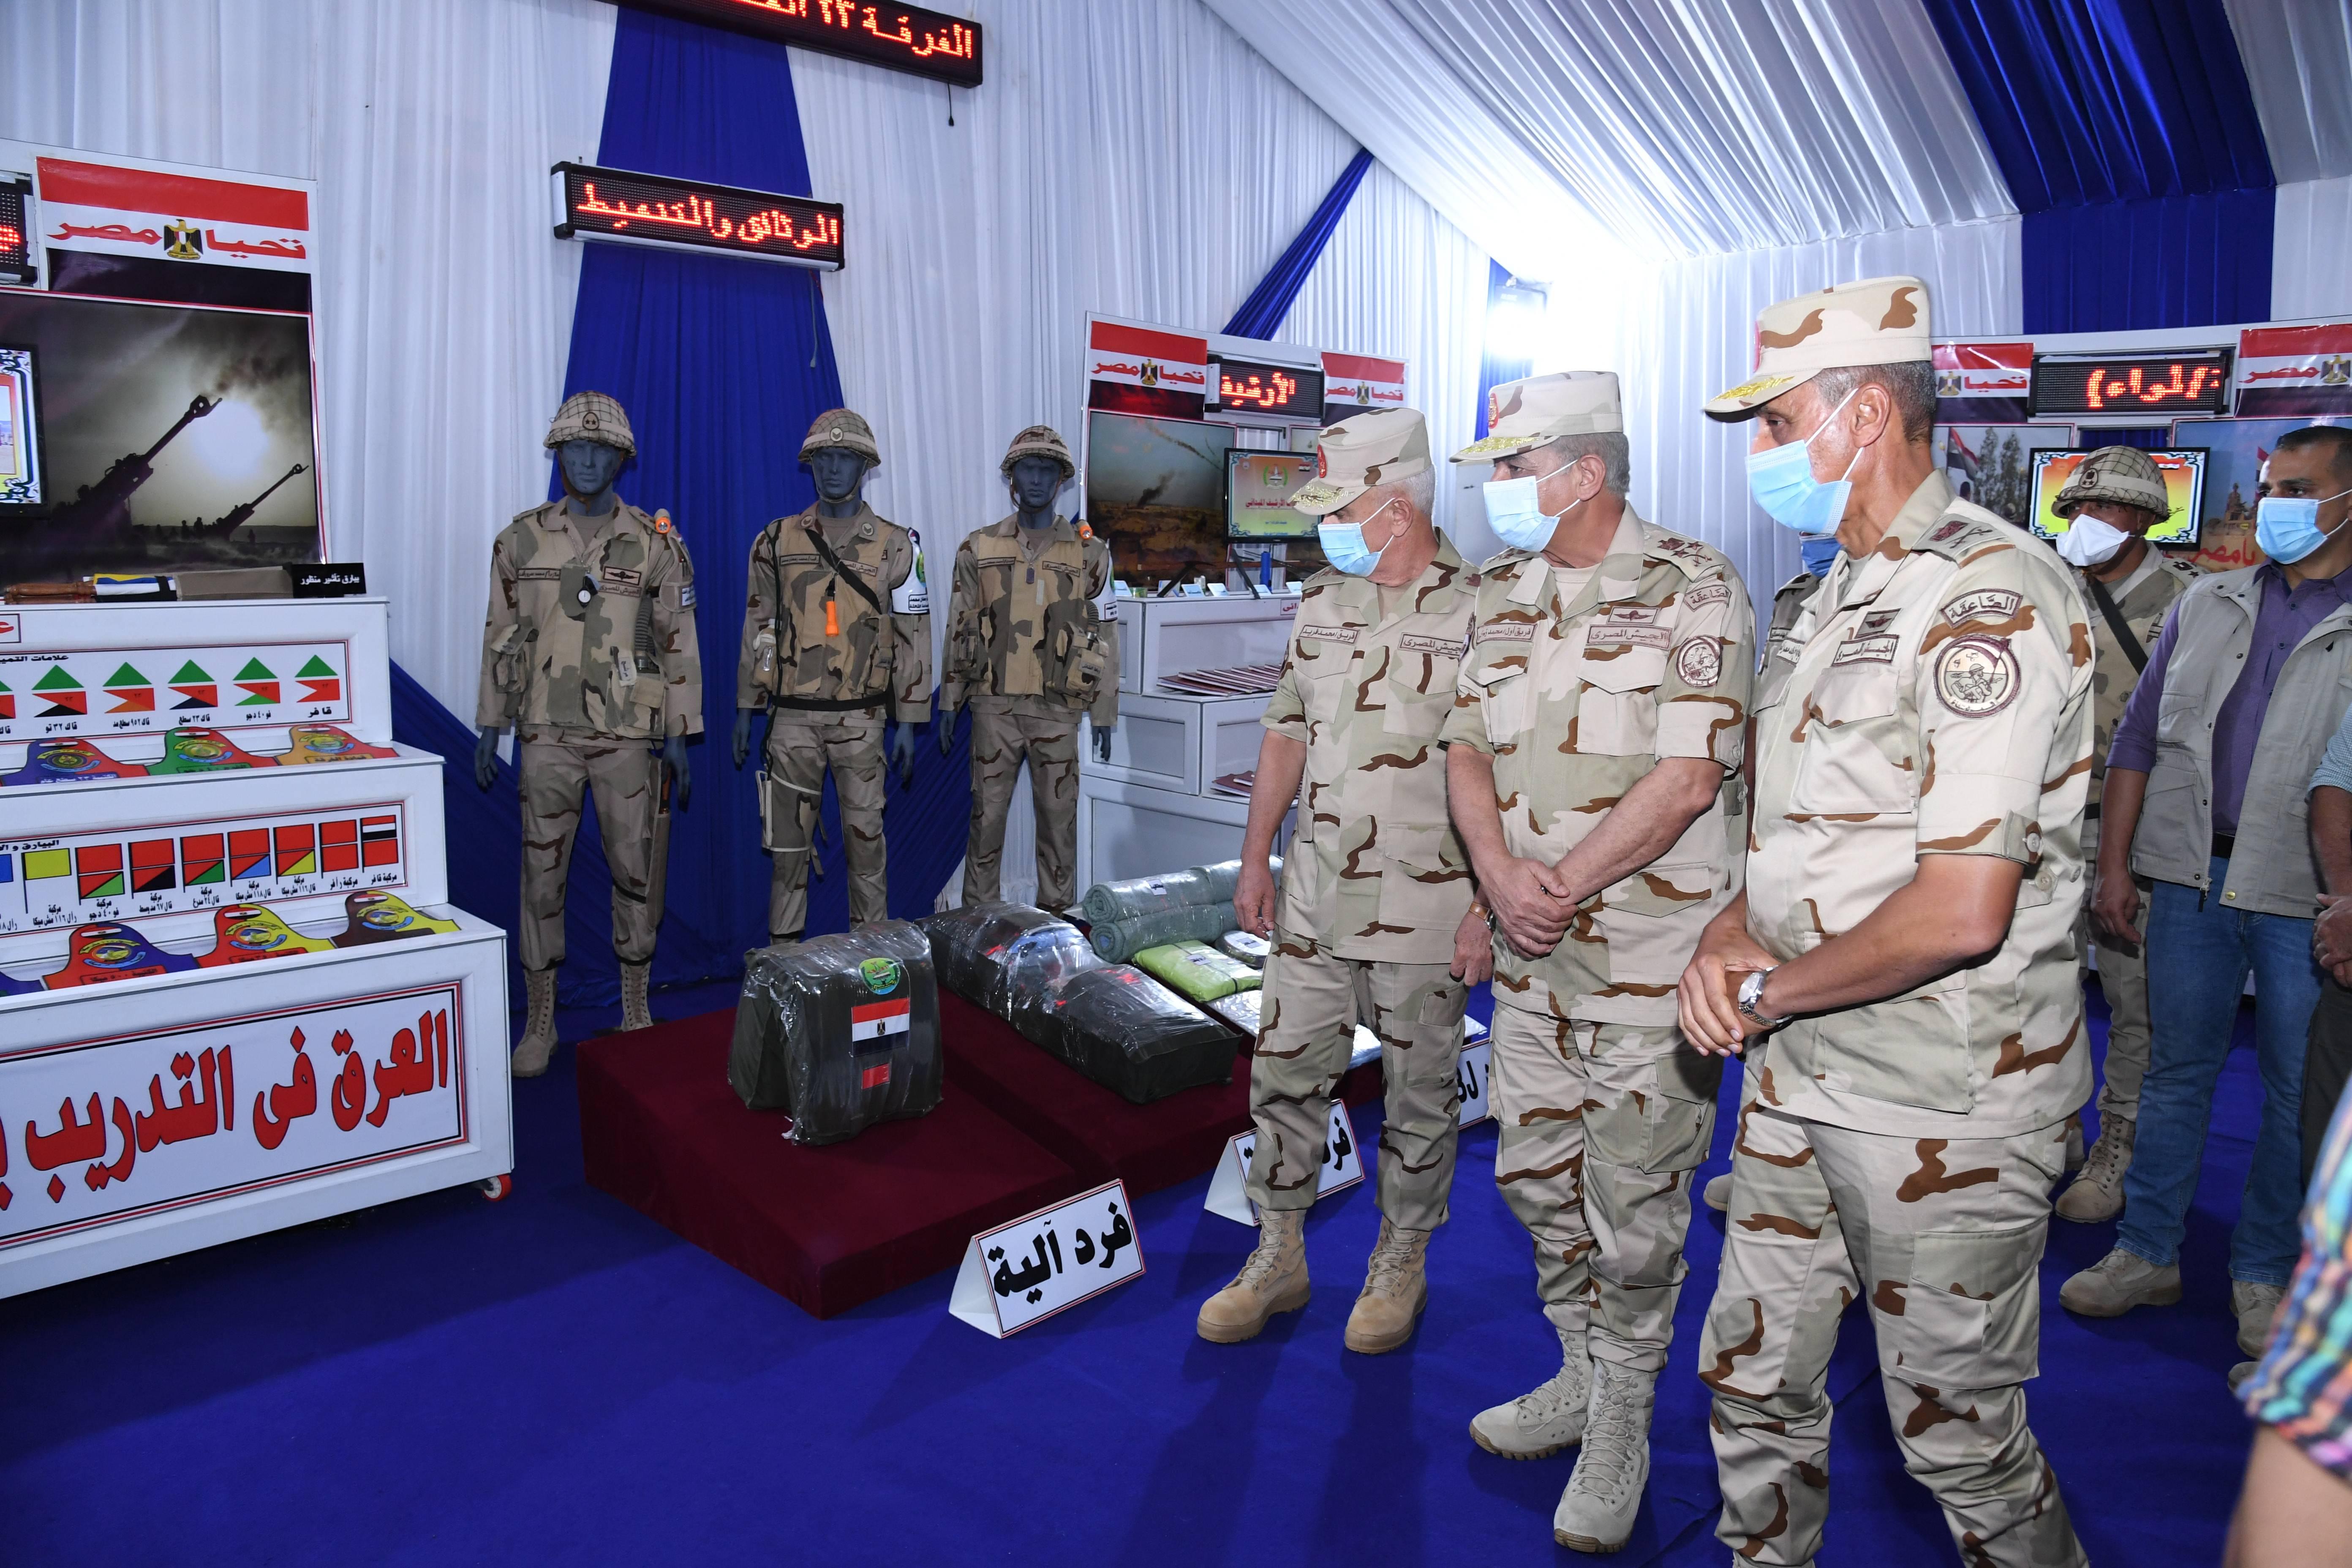 وزير الدفاع يتفقد إجراءات تفتيش الحرب لإحدى تشكيلات الجيش الثالث الميدانى (5)